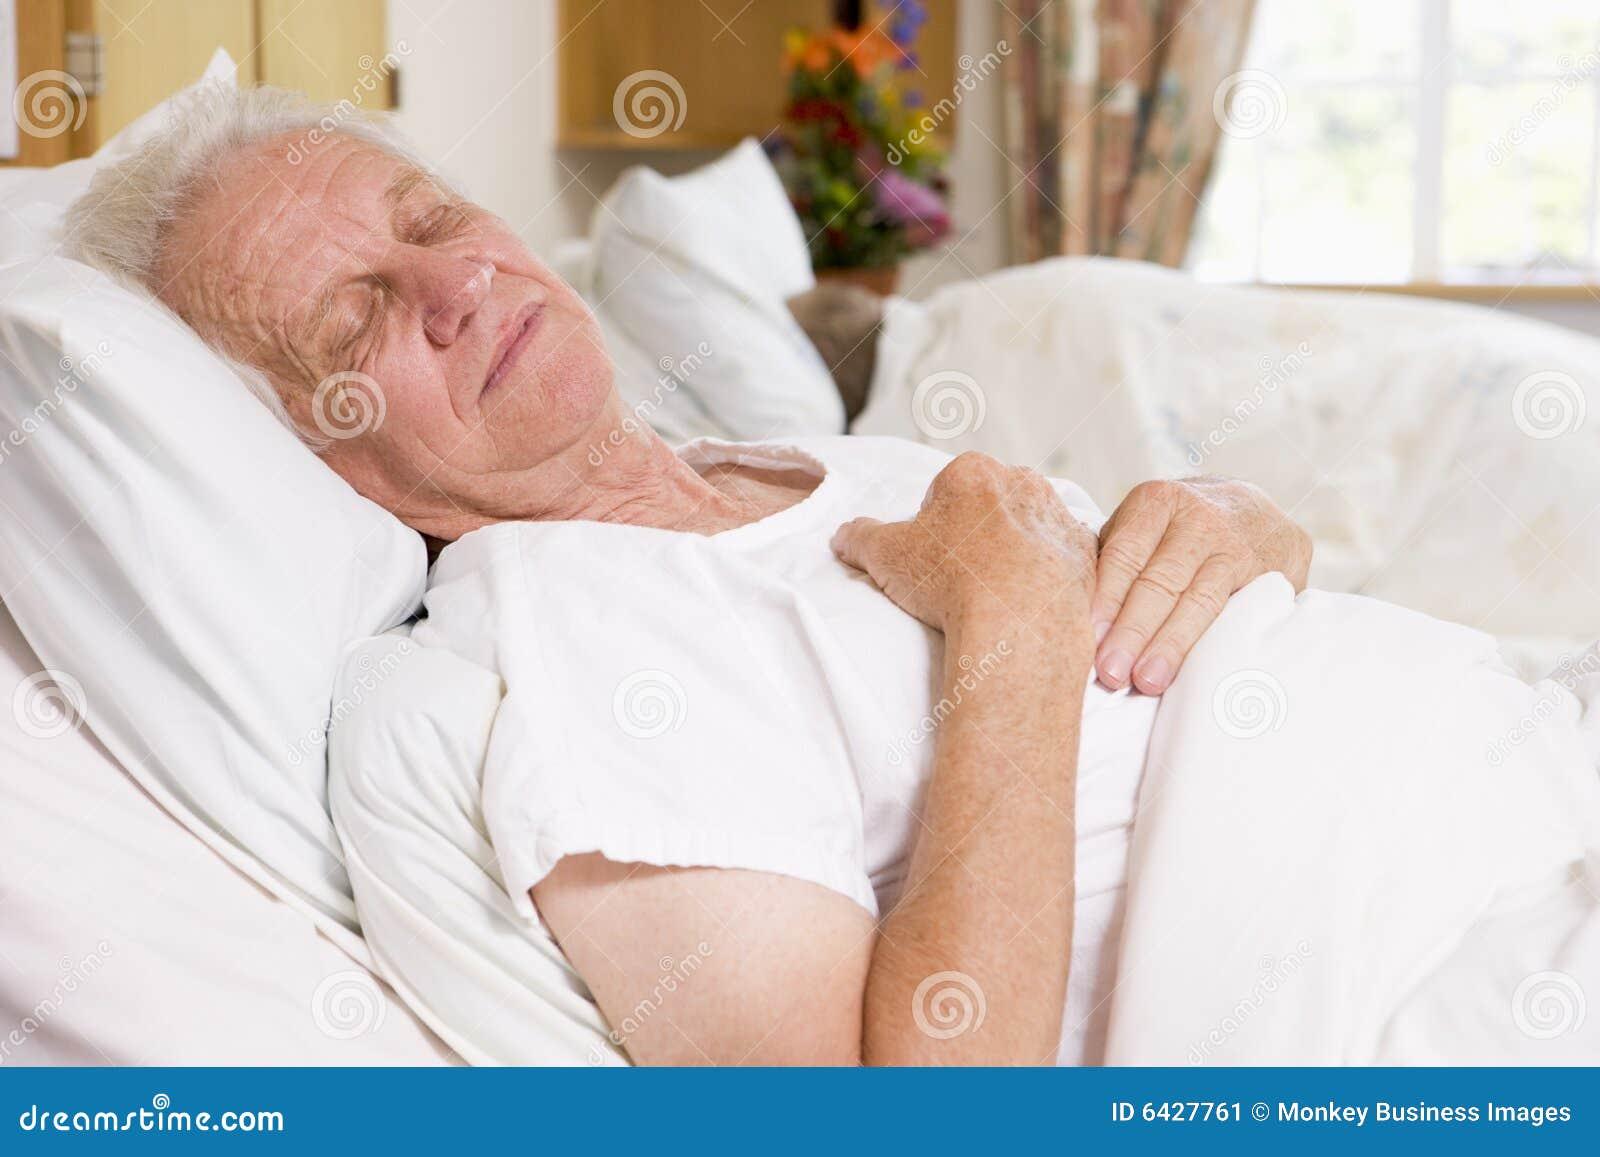 Во сне видеть беременную бабушку 39